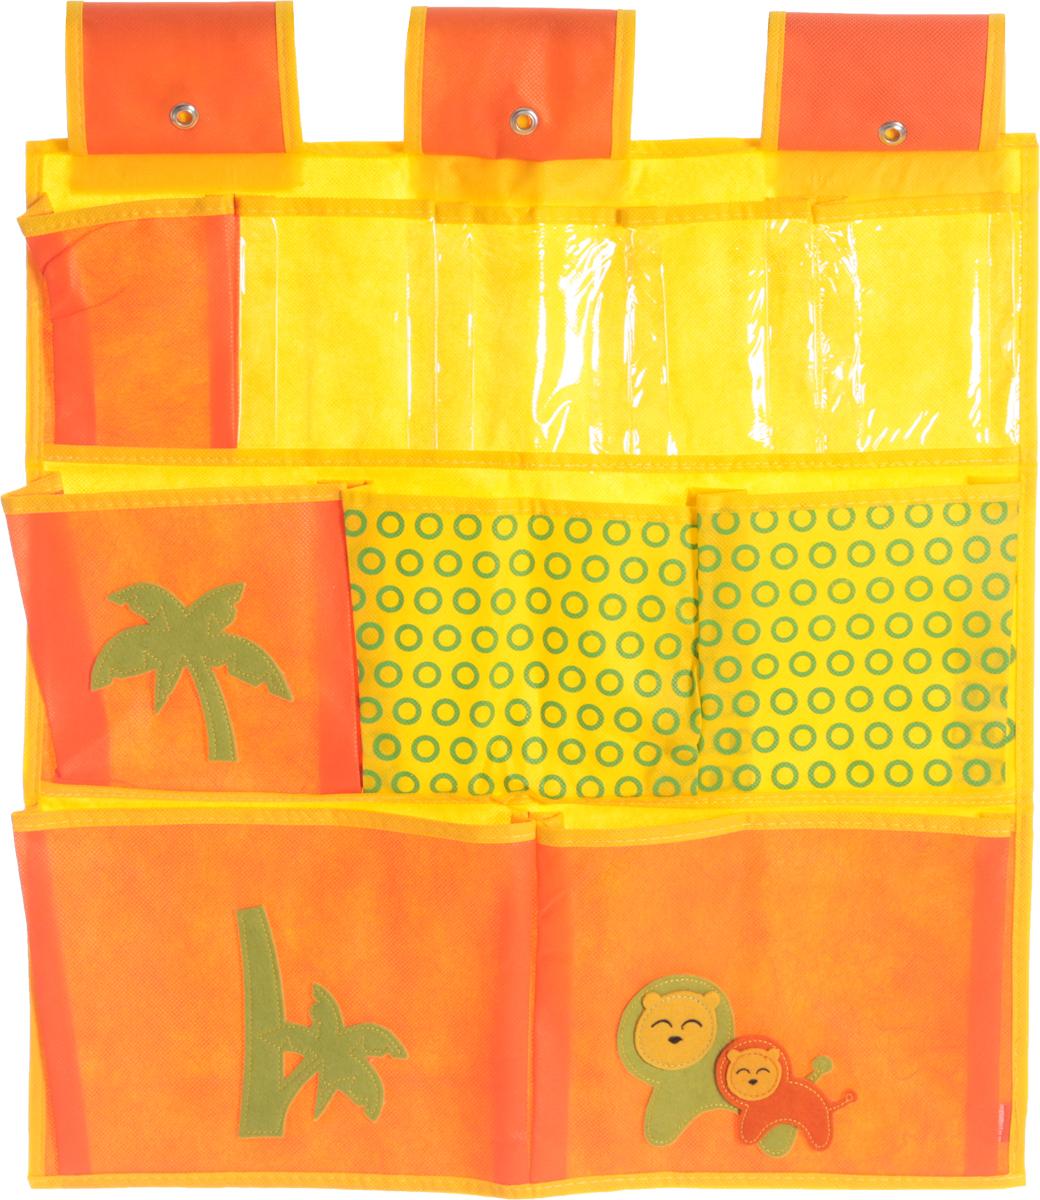 Кофр детский Все на местах Sunny Jungle, подвесной, цвет: желтый, оранжевый, 10 карманов, 57 x 57 см1071024.Подвесной квадратный кофр для хранения детских мелочей Все на местах Sunny Jungle изготовлен из высококачественного нетканого материала (ПВХ, спанбонда и фетра). Изделие позволяет сохранить естественную вентиляцию, а воздуху свободно проникать внутрь, не пропуская пыль. Кофр оснащен 10 достаточно крупными карманами, которые идеально подойдут для различных принадлежностей вашего ребенка. Мобильность конструкции обеспечивает складывание и раскладывание одним движением. Кофр удобно складывается в чехол. Оформлена модель оригинальными декоративными нашивками. Размер органайзера: 57 х 57 см.